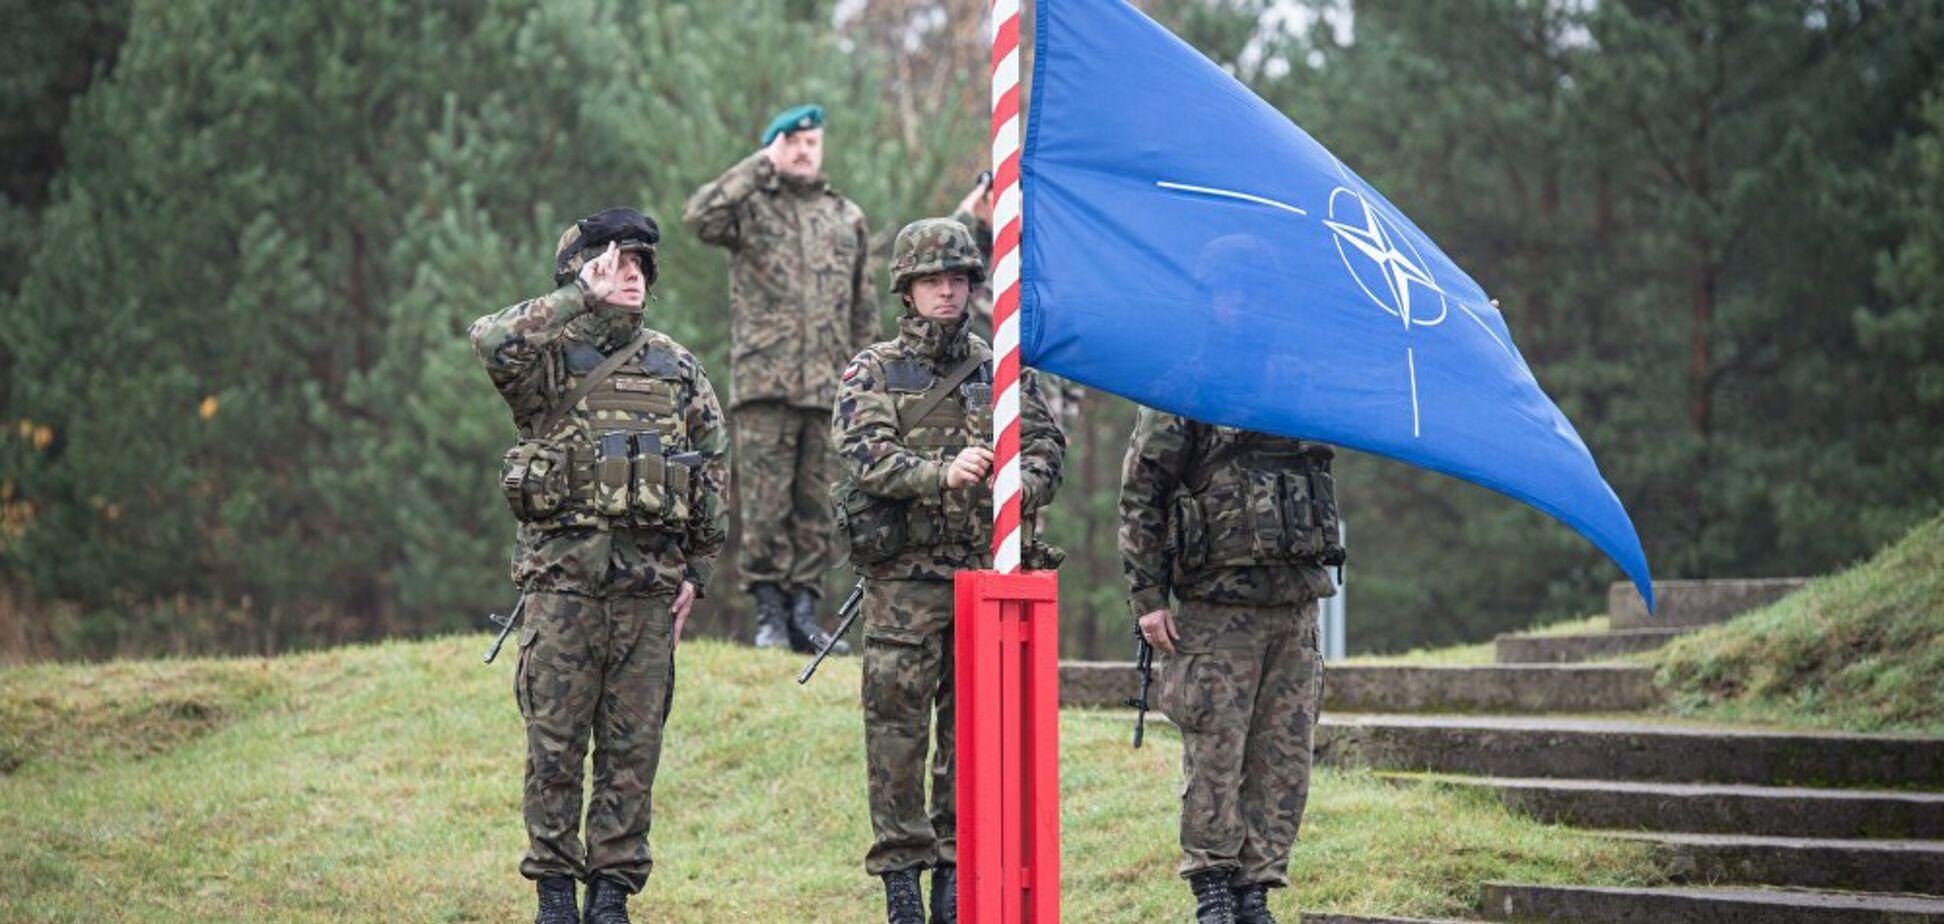 Потрібні війська: стало відомо, як окупація Криму підстьобнула країни НАТО